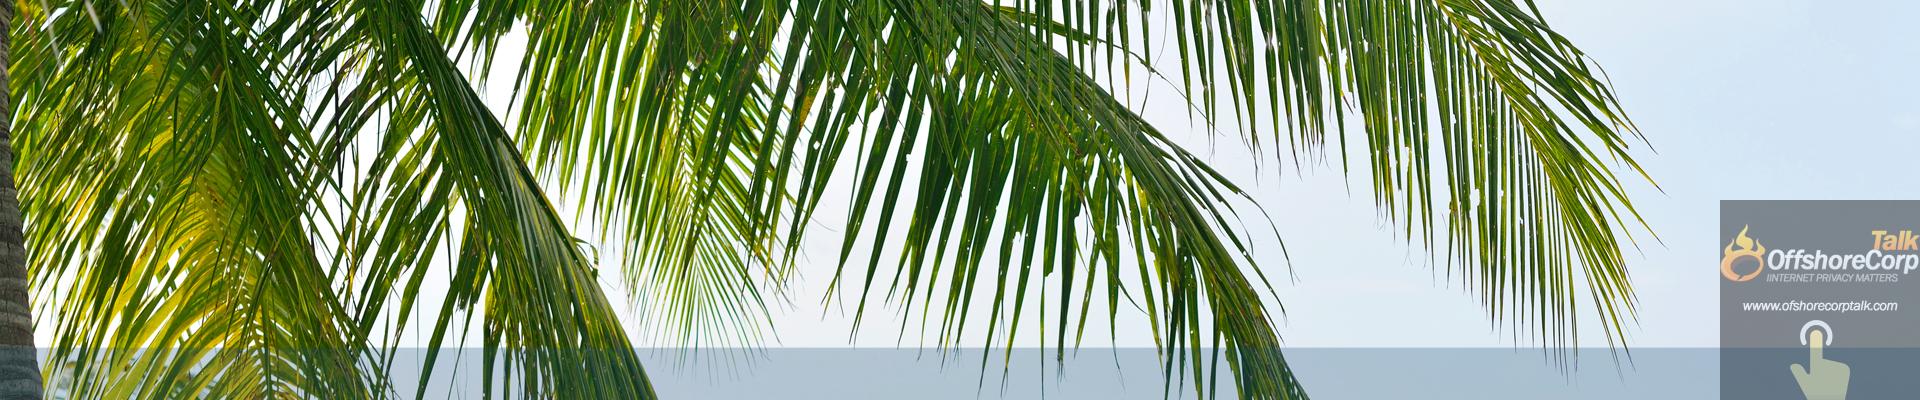 bahamas-banks.jpg